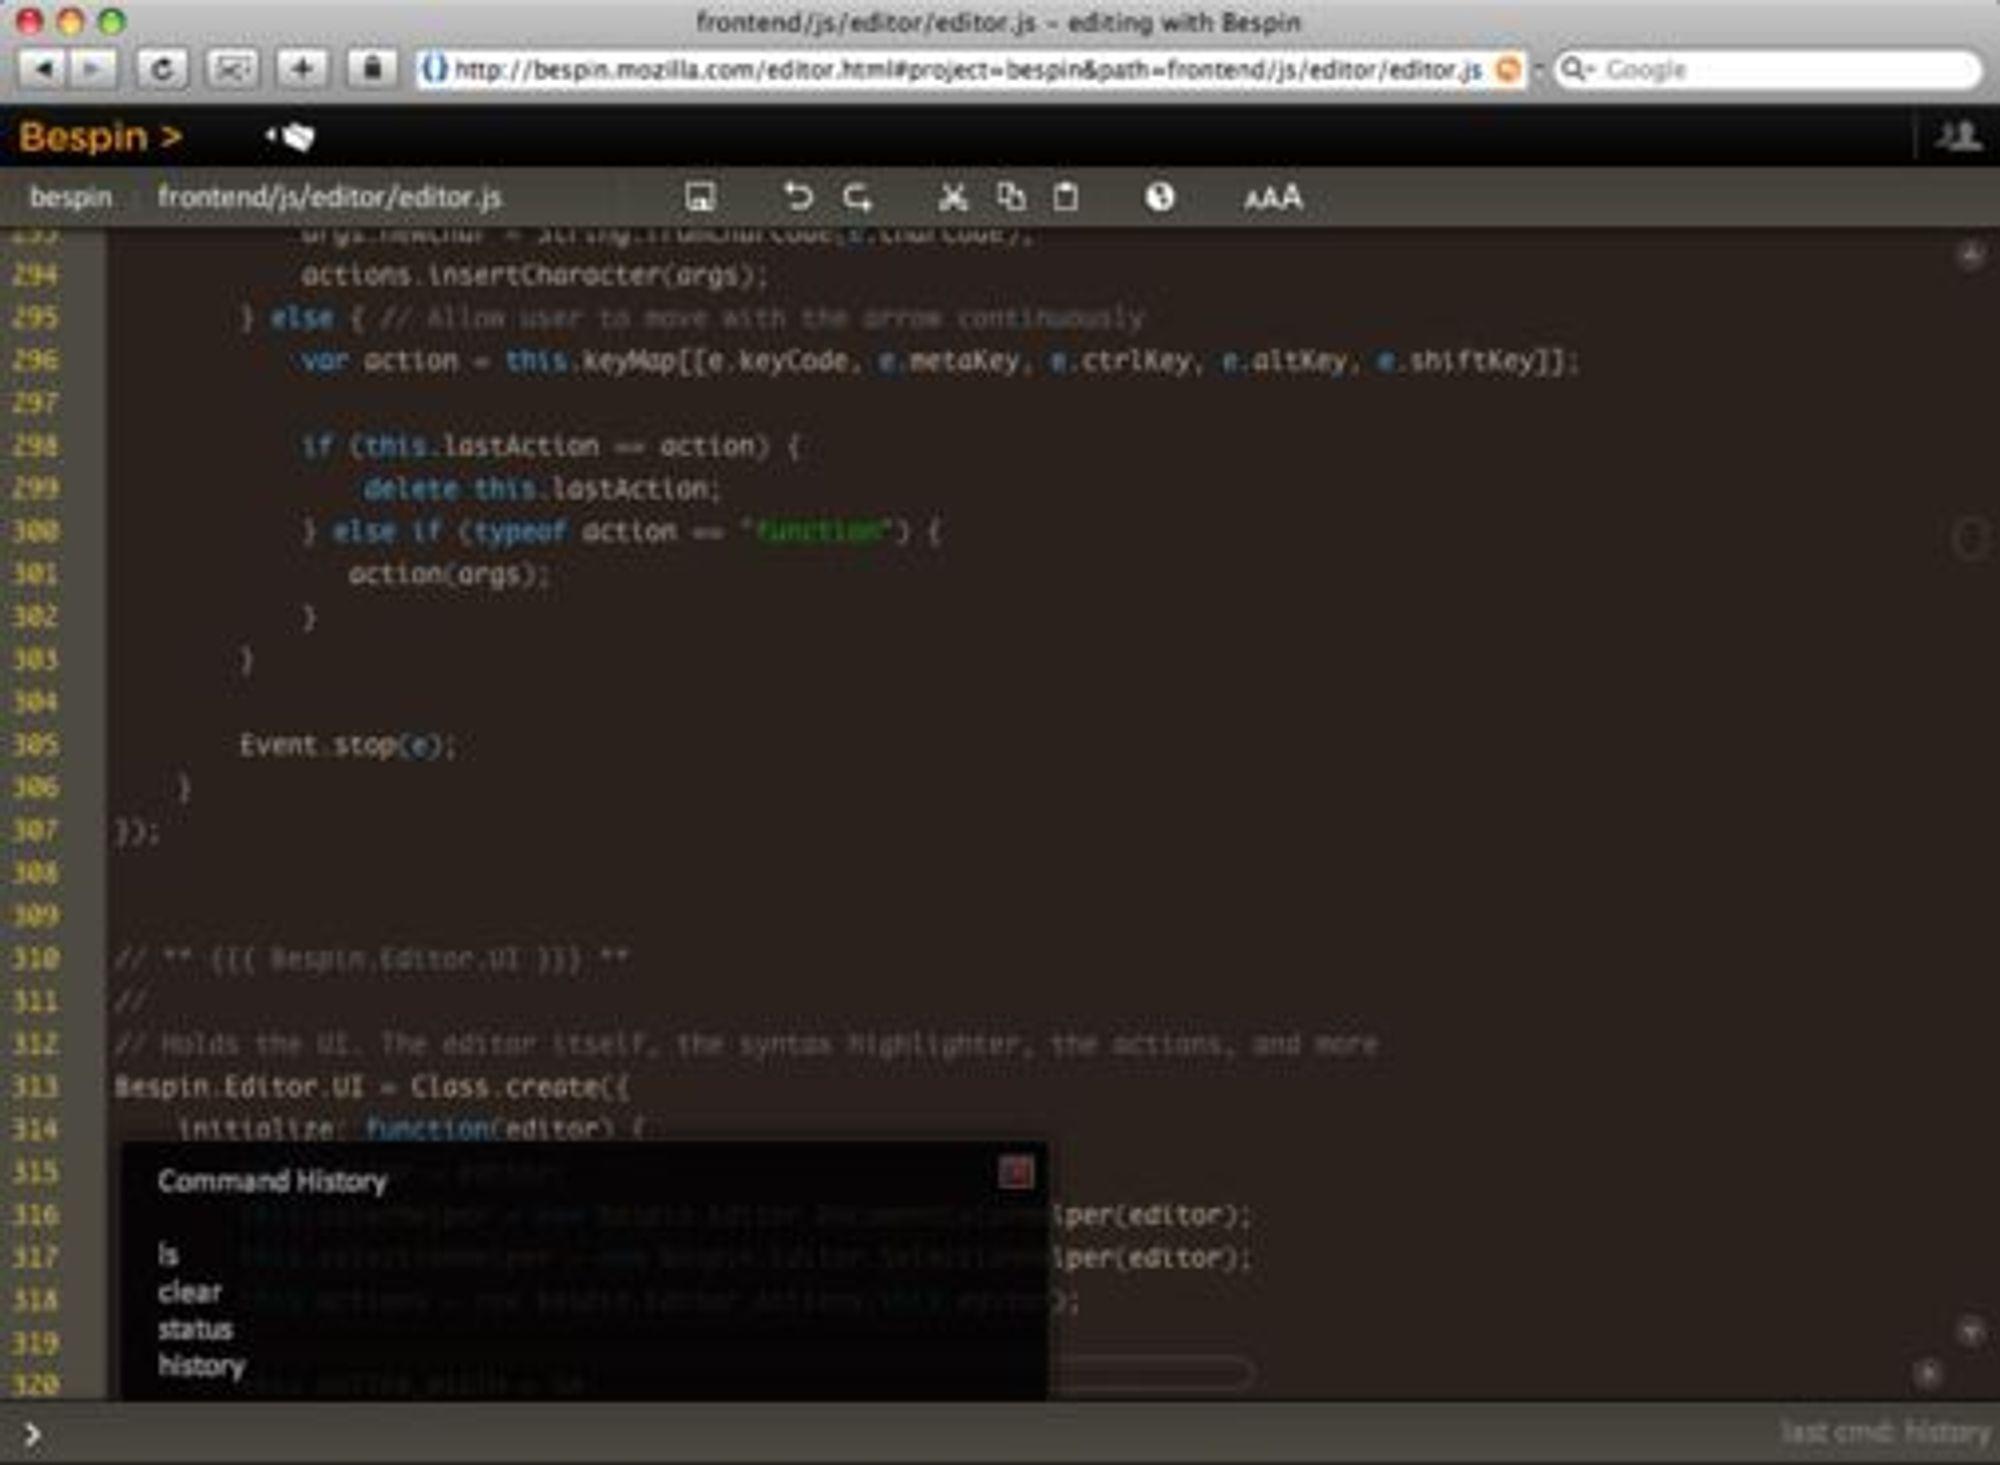 Koderedigeringsdelen av Mozilla Bespin